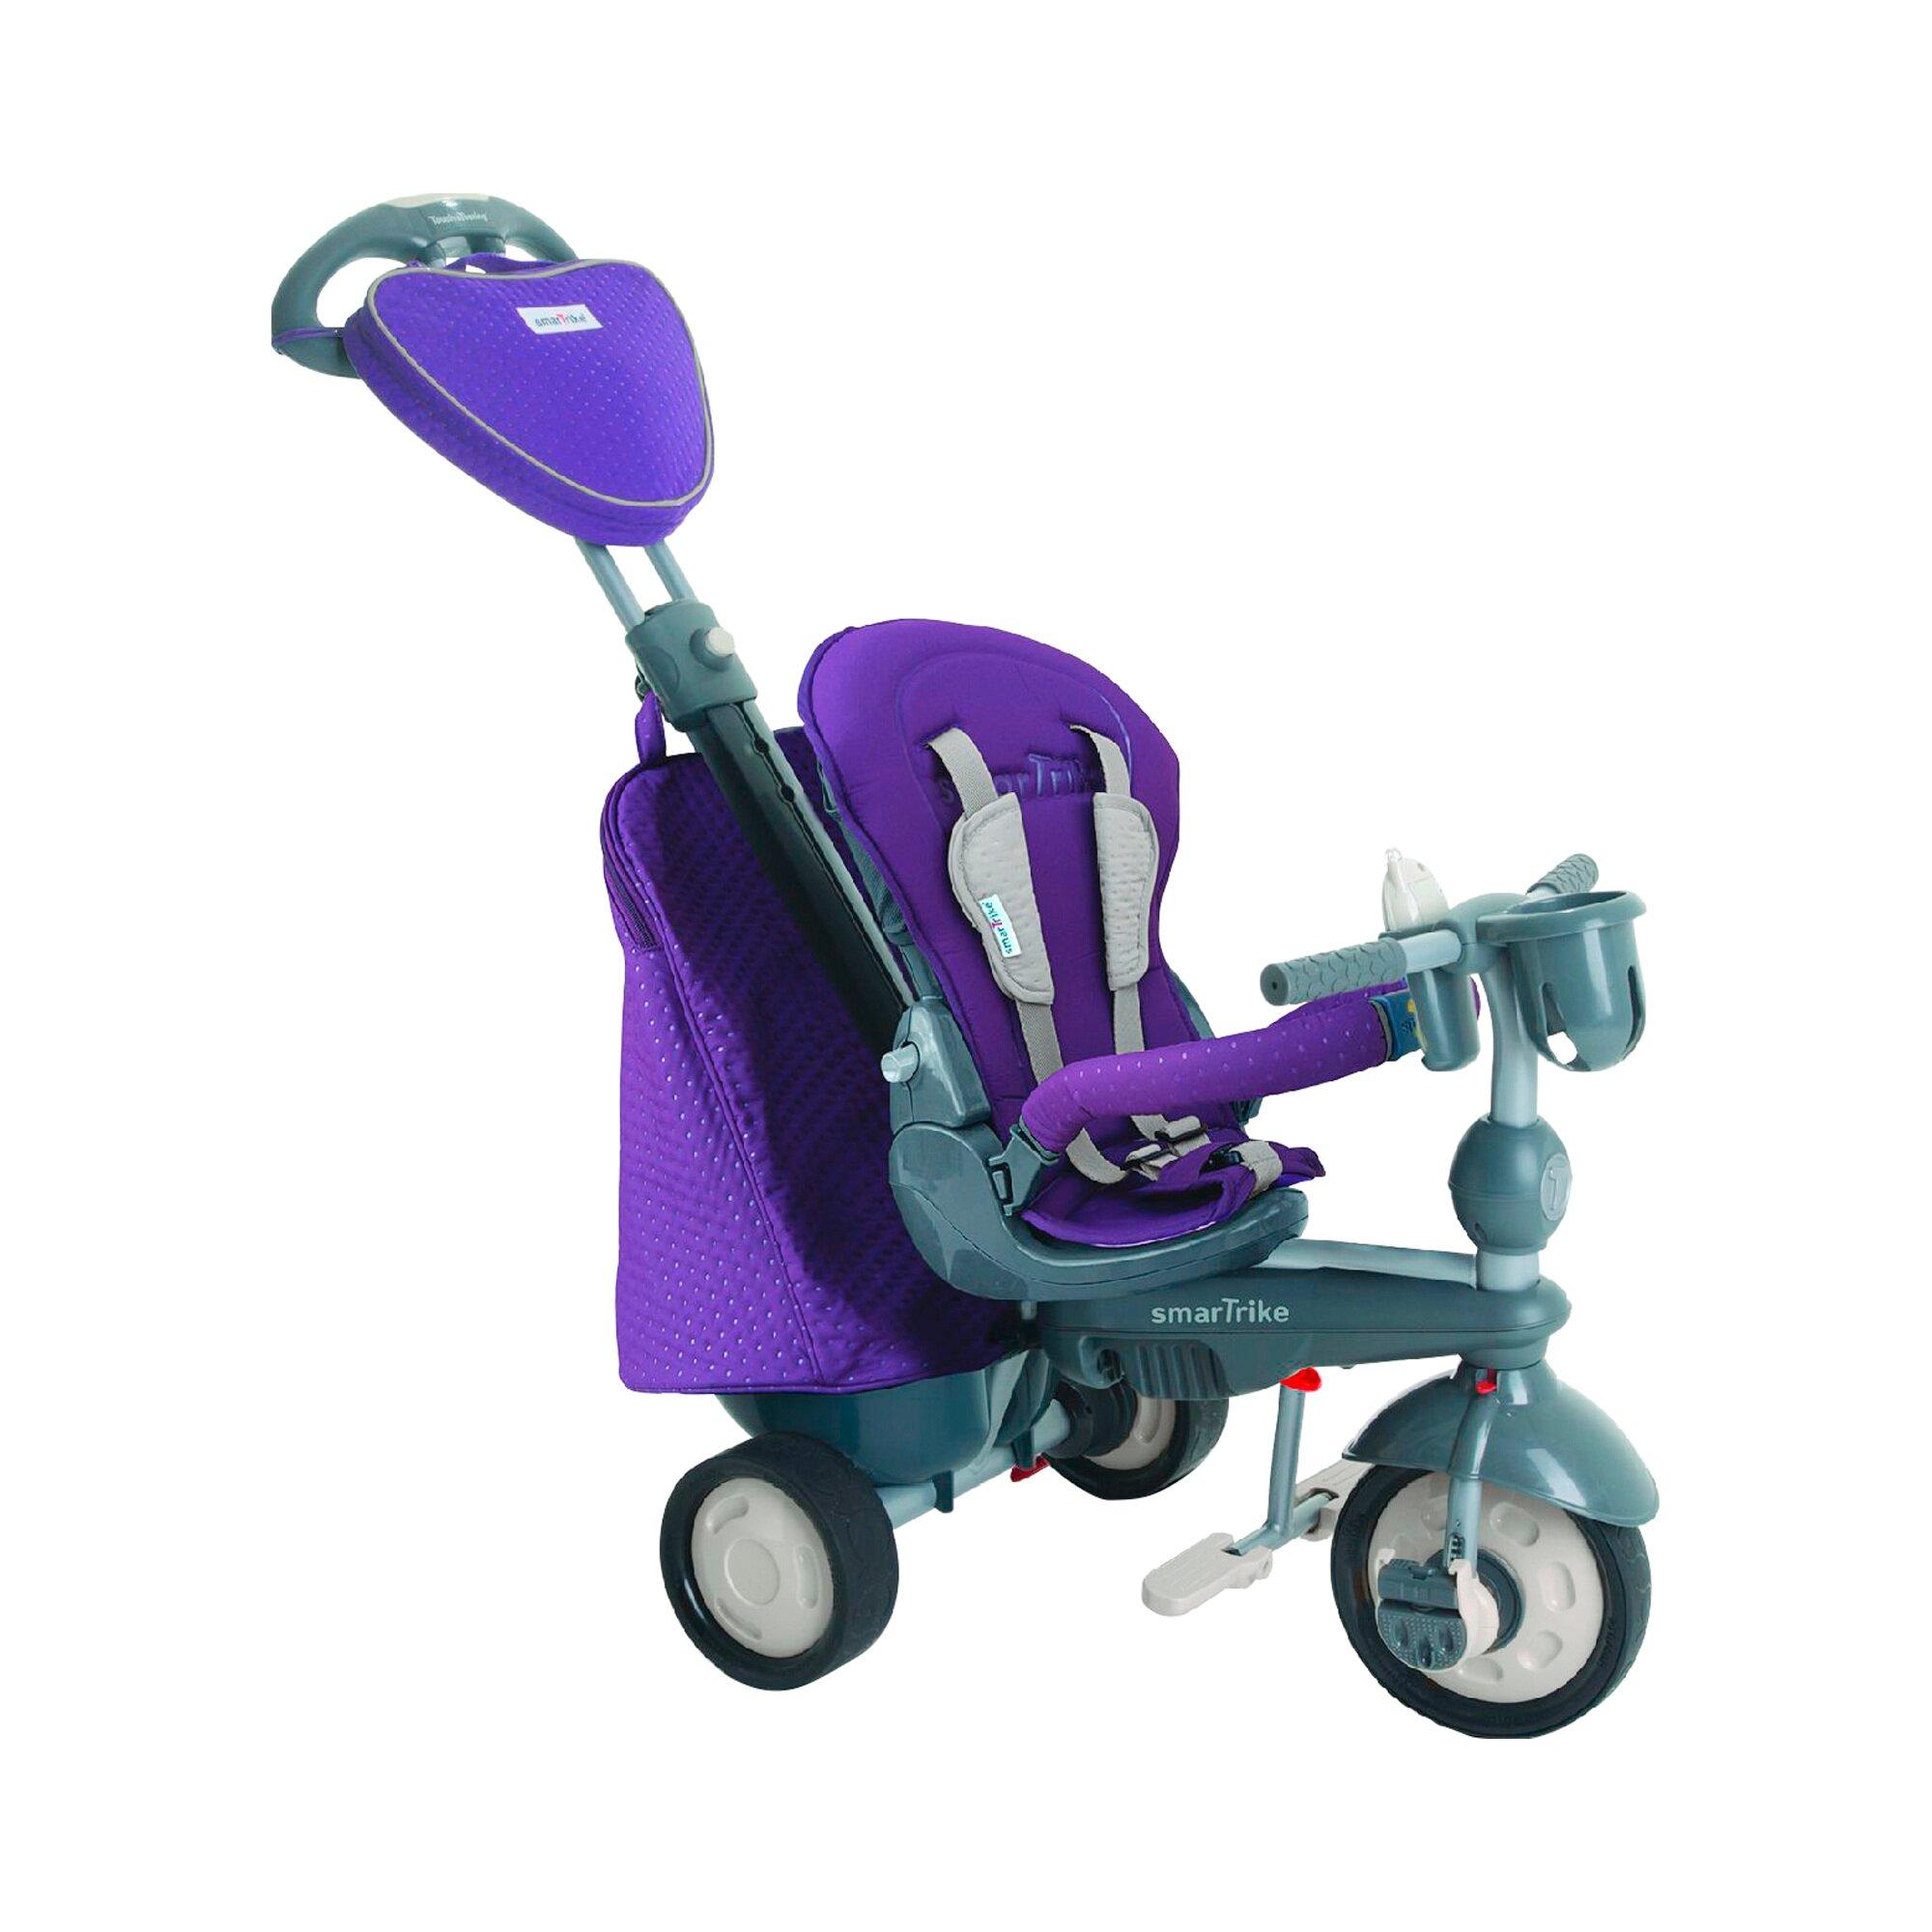 smartrike-dreirad-recliner-infinity-5-in-1-baby-trike, 150.99 EUR @ babywalz-de